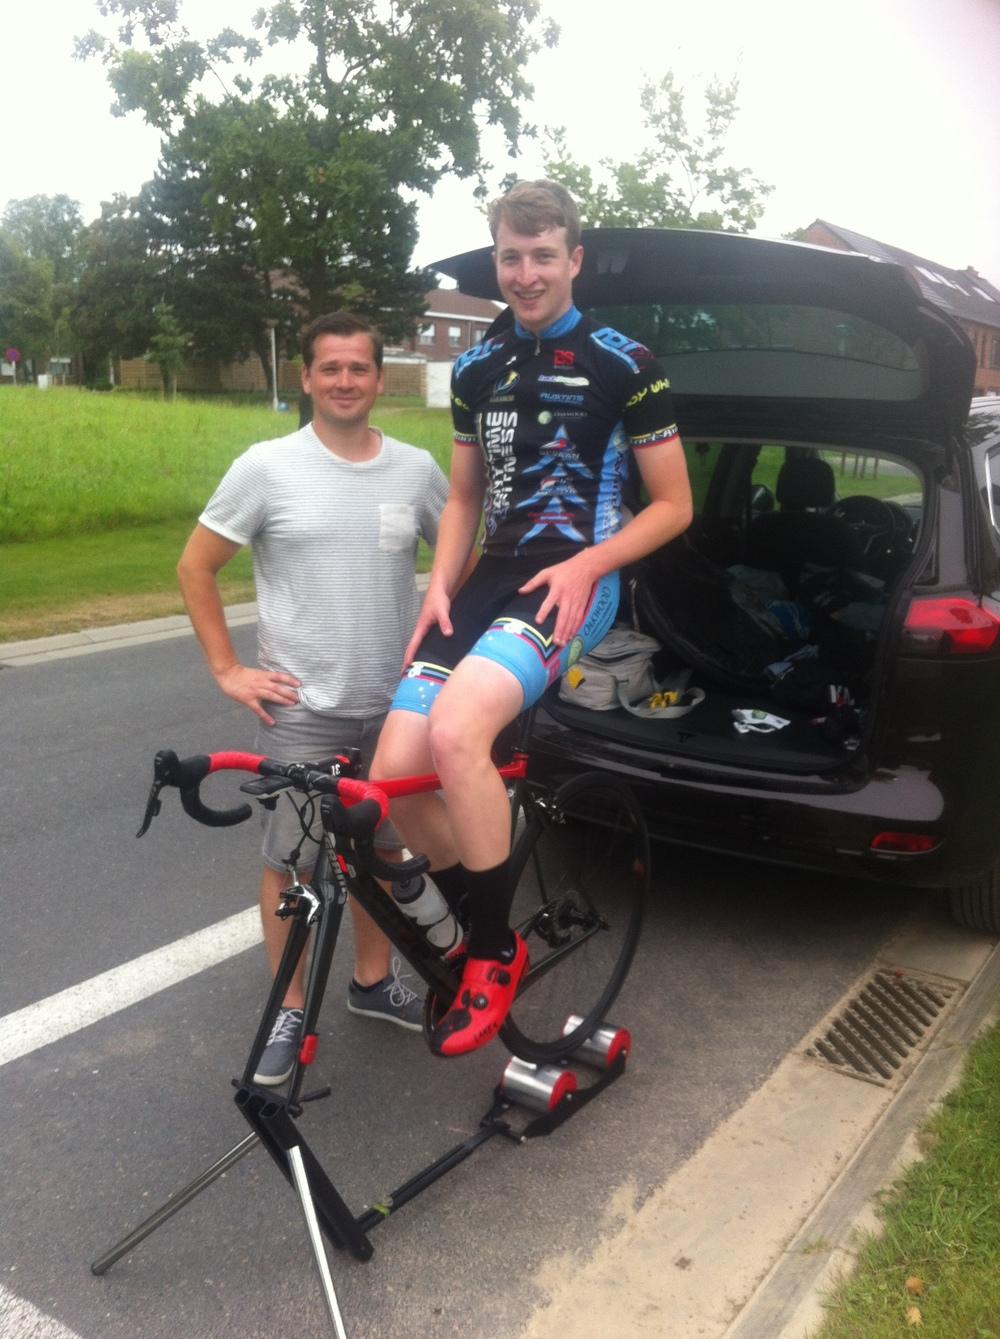 Maarten Verhulst & Conor before the Bazel start